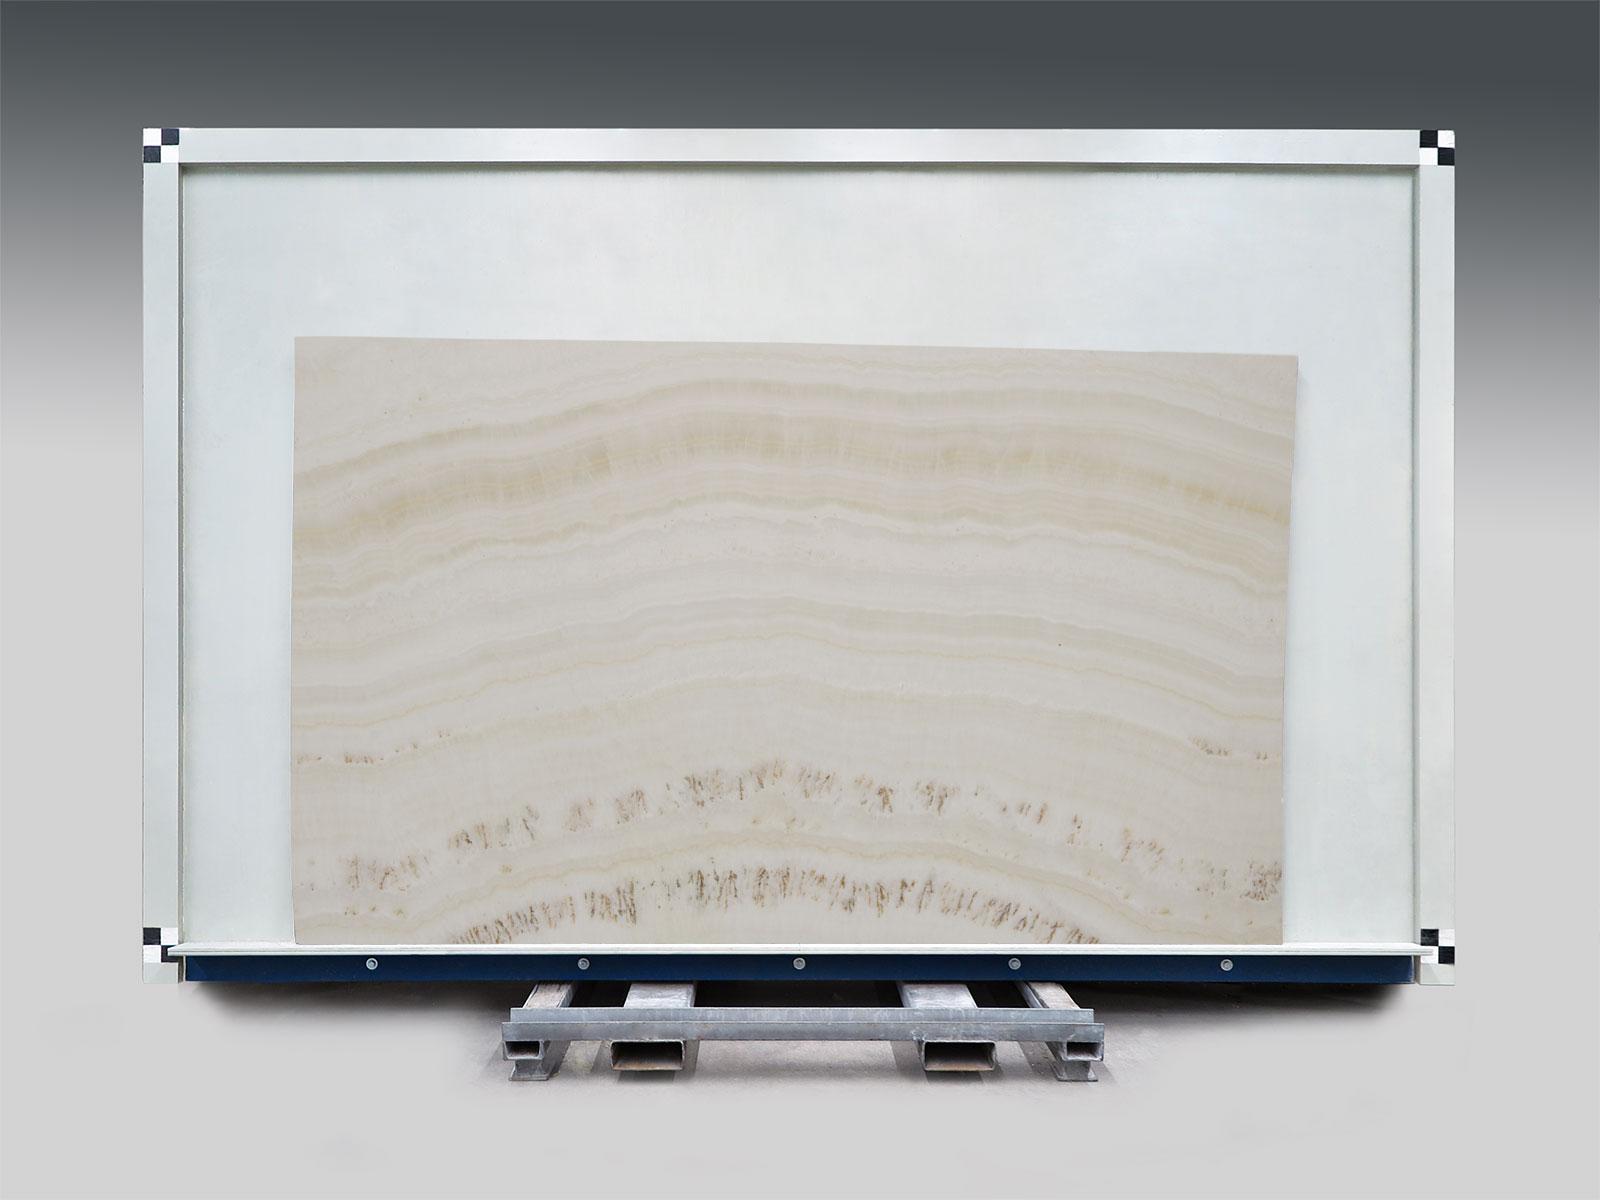 Onyx ivory slab